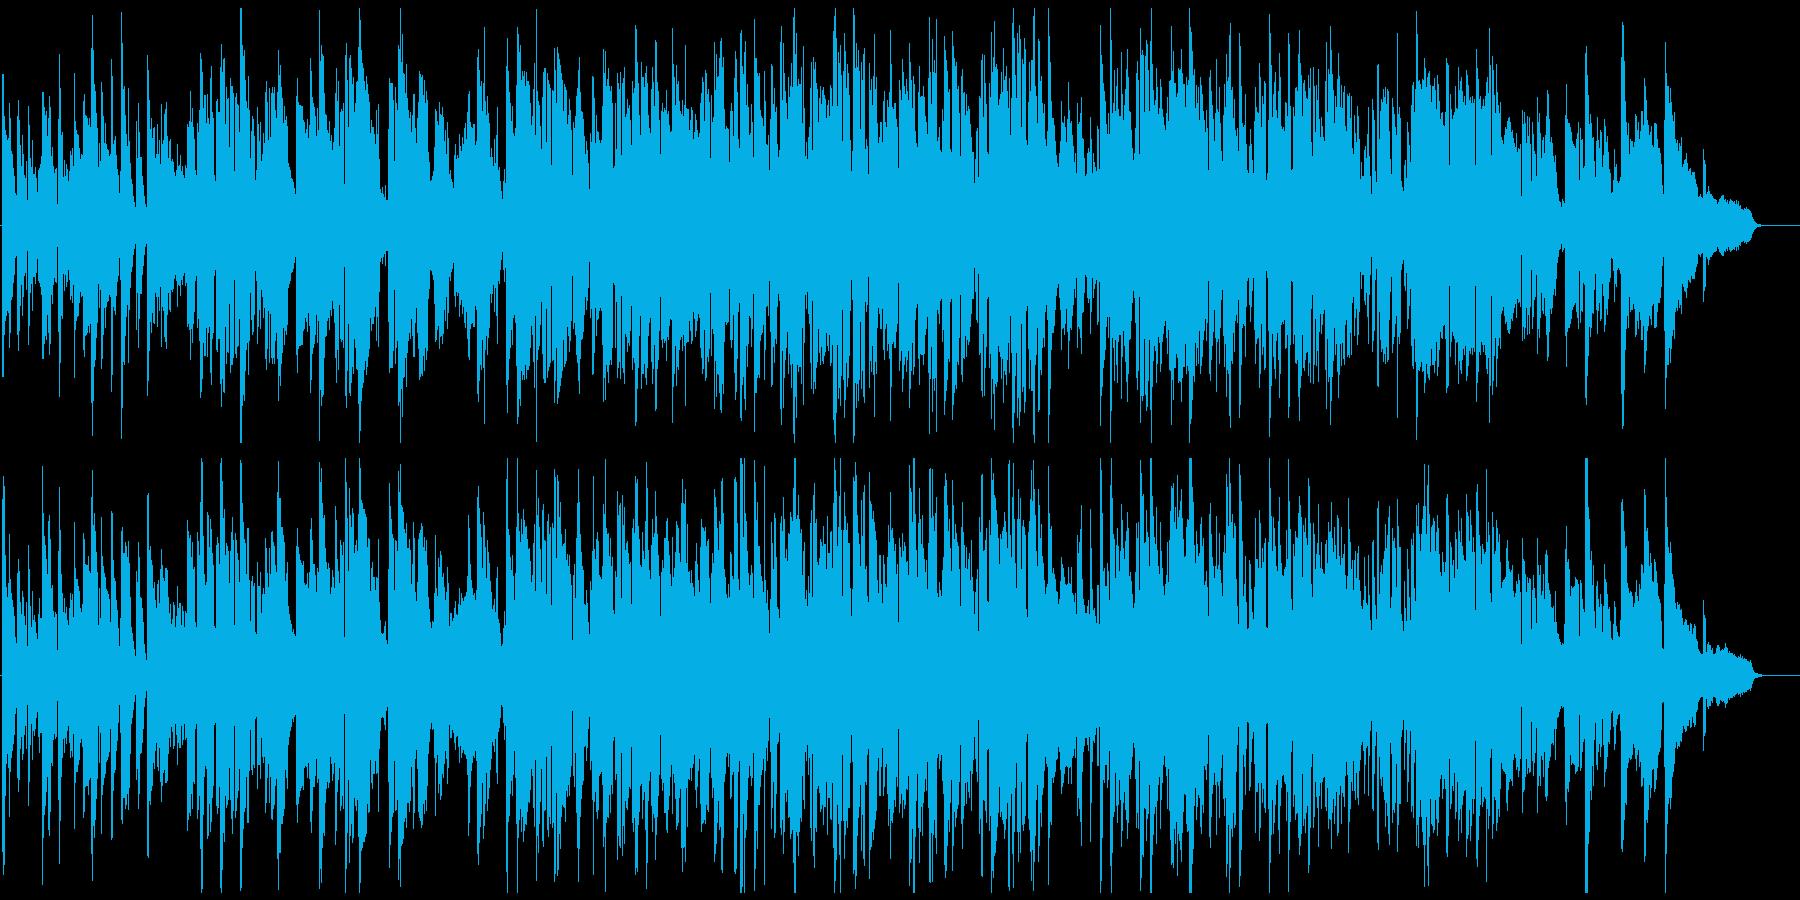 静かに嬉しい雰囲気のスローテンポなジャズの再生済みの波形